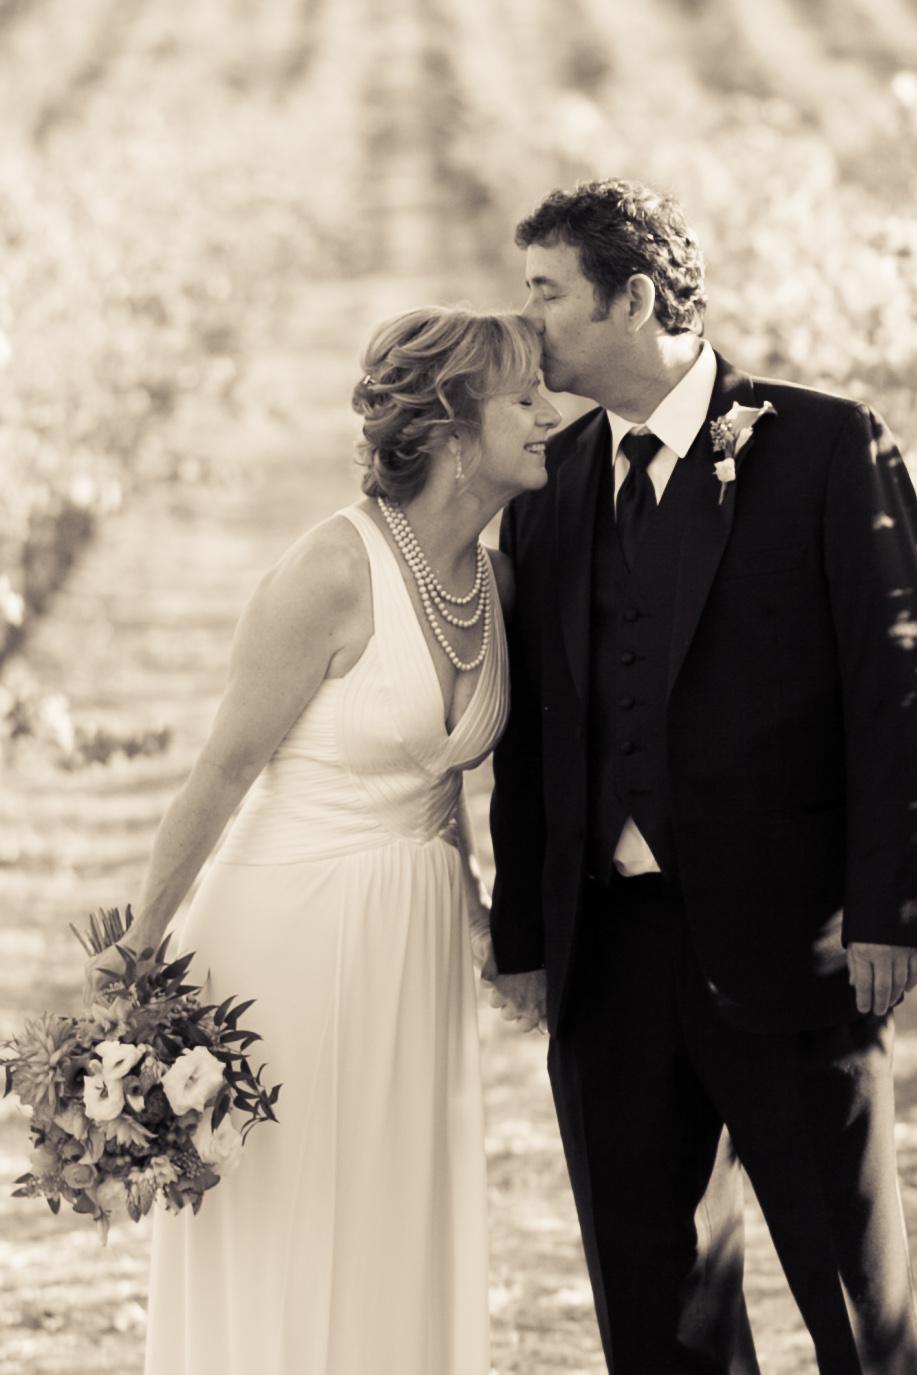 StillWaterVineyards_Wedding-0855-2.jpg